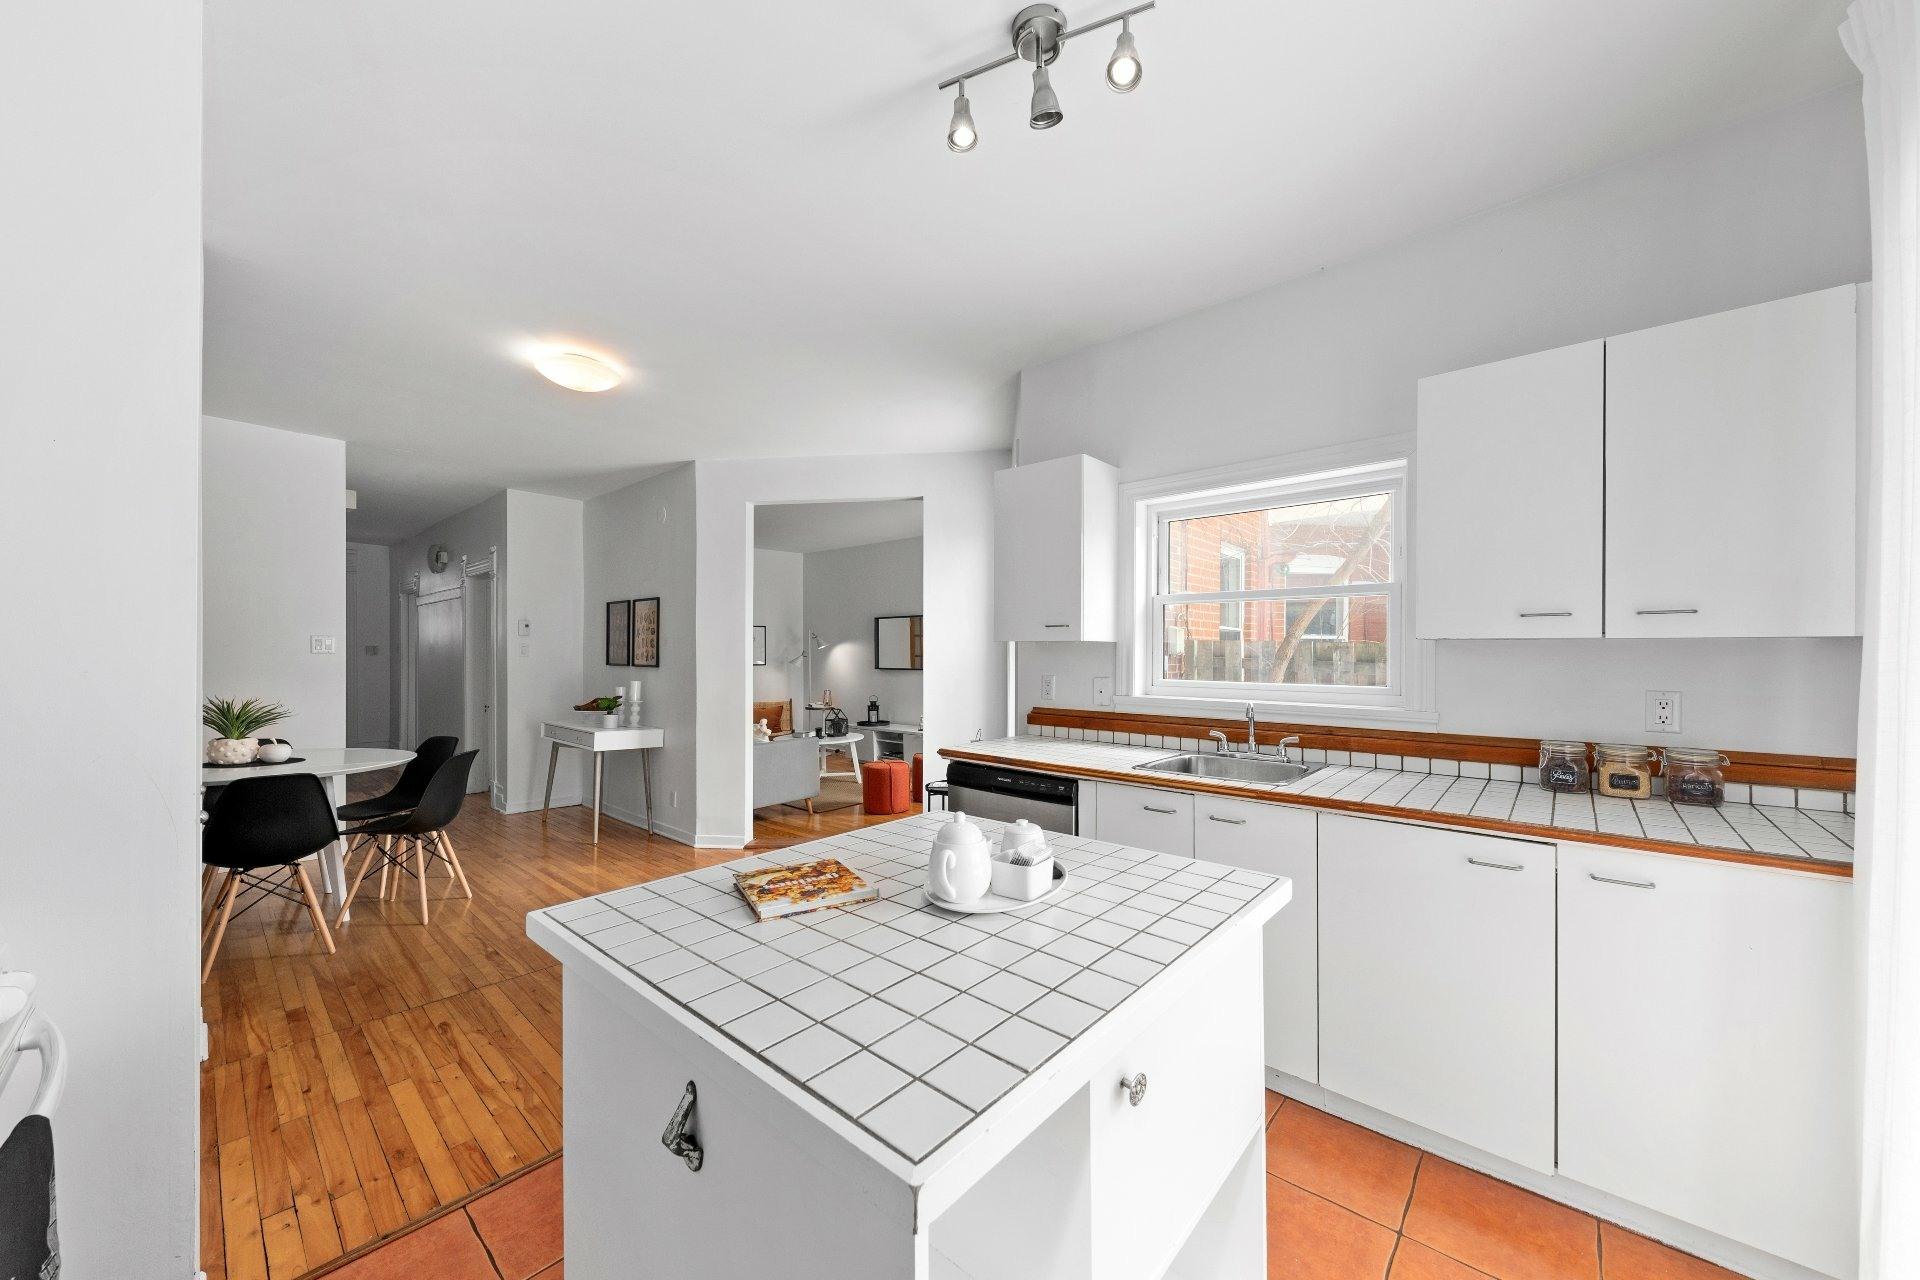 image 22 - Maison À vendre Le Plateau-Mont-Royal Montréal  - 10 pièces